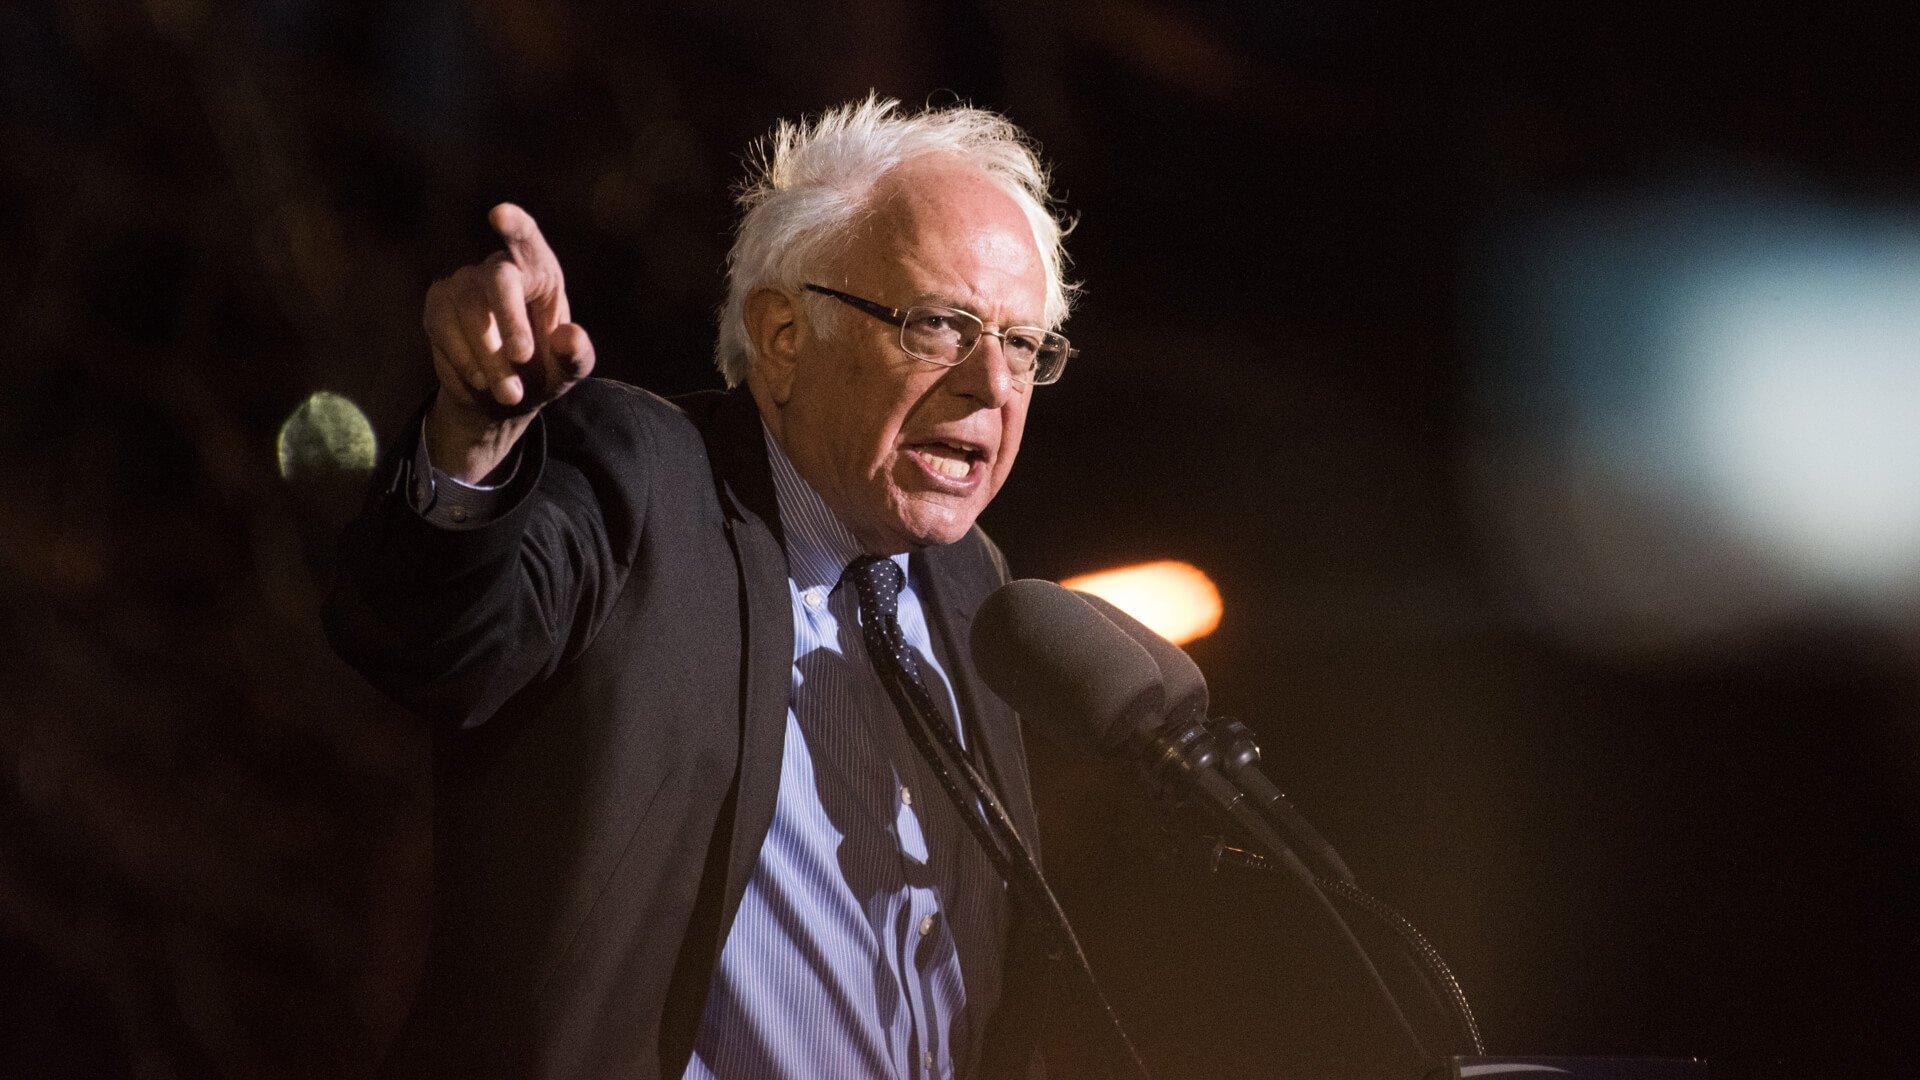 How Rich Is Bernie Sanders?